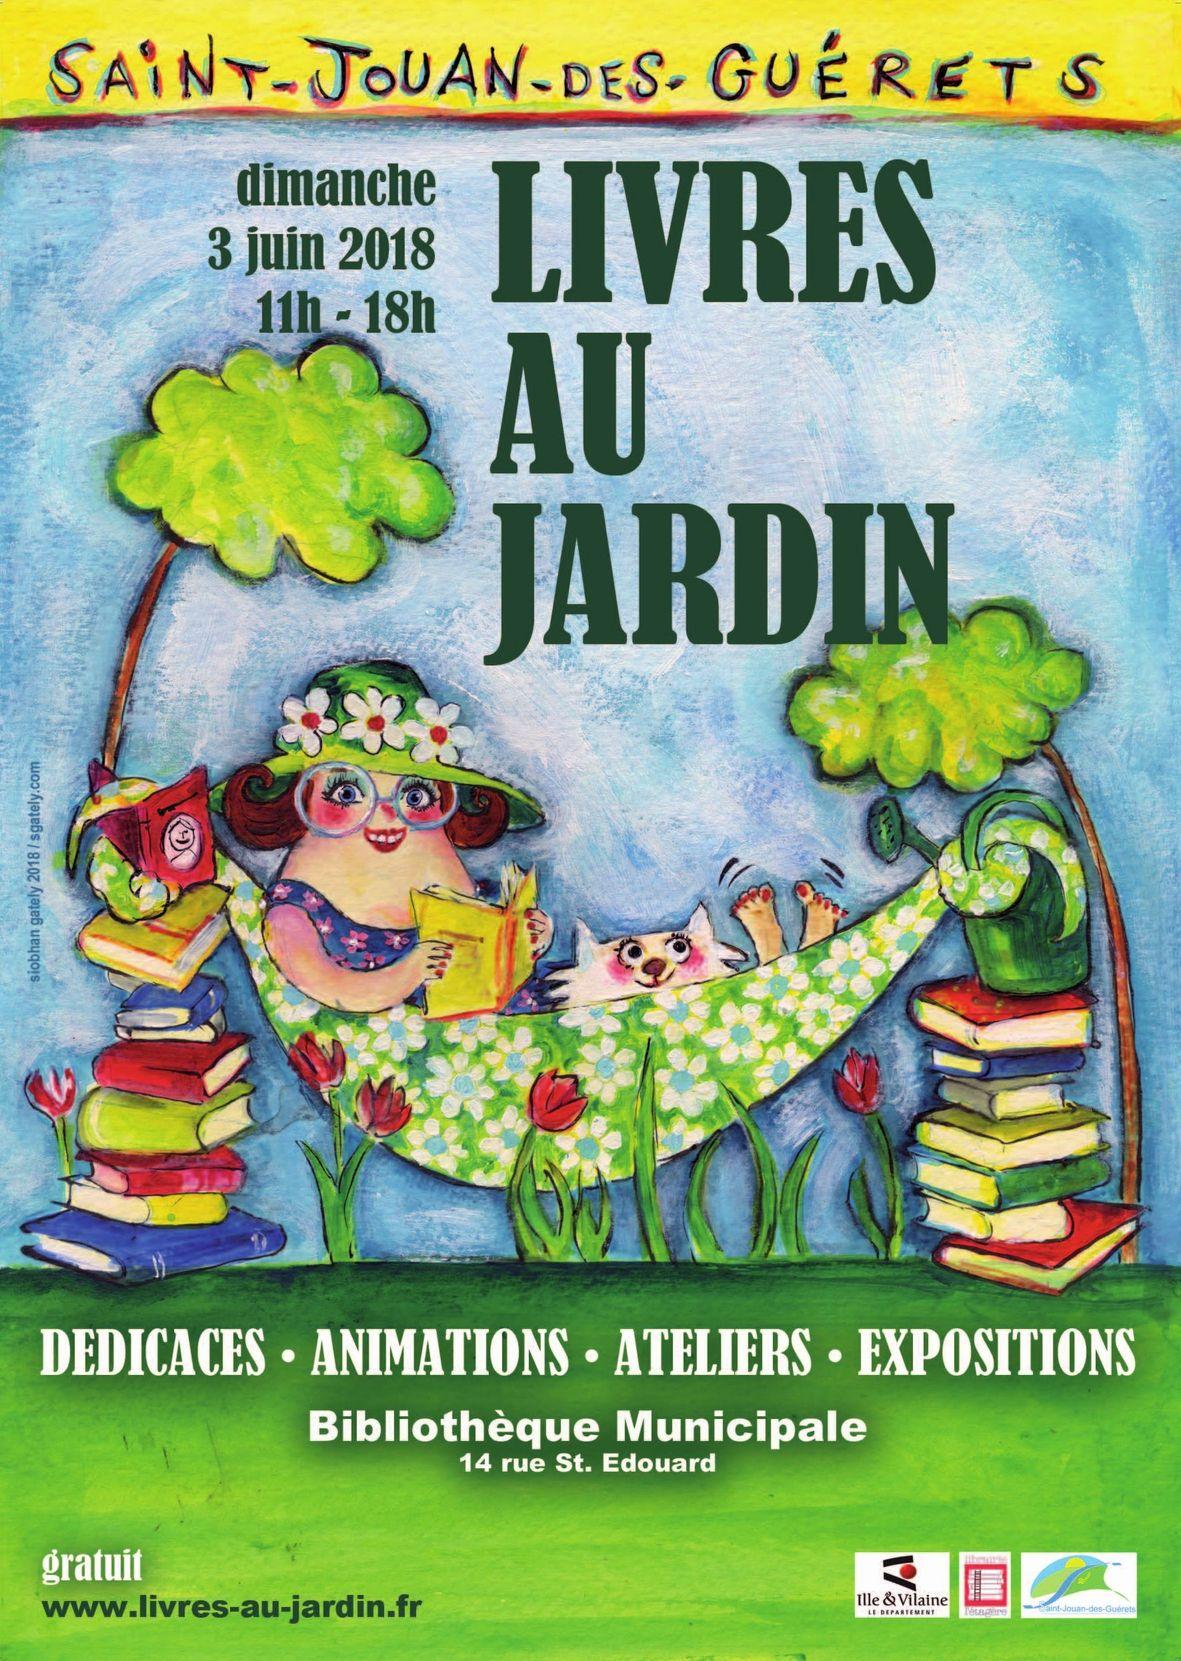 affiche livres au jardin Saint-Jouan-des-Guérets 3 juin 2018